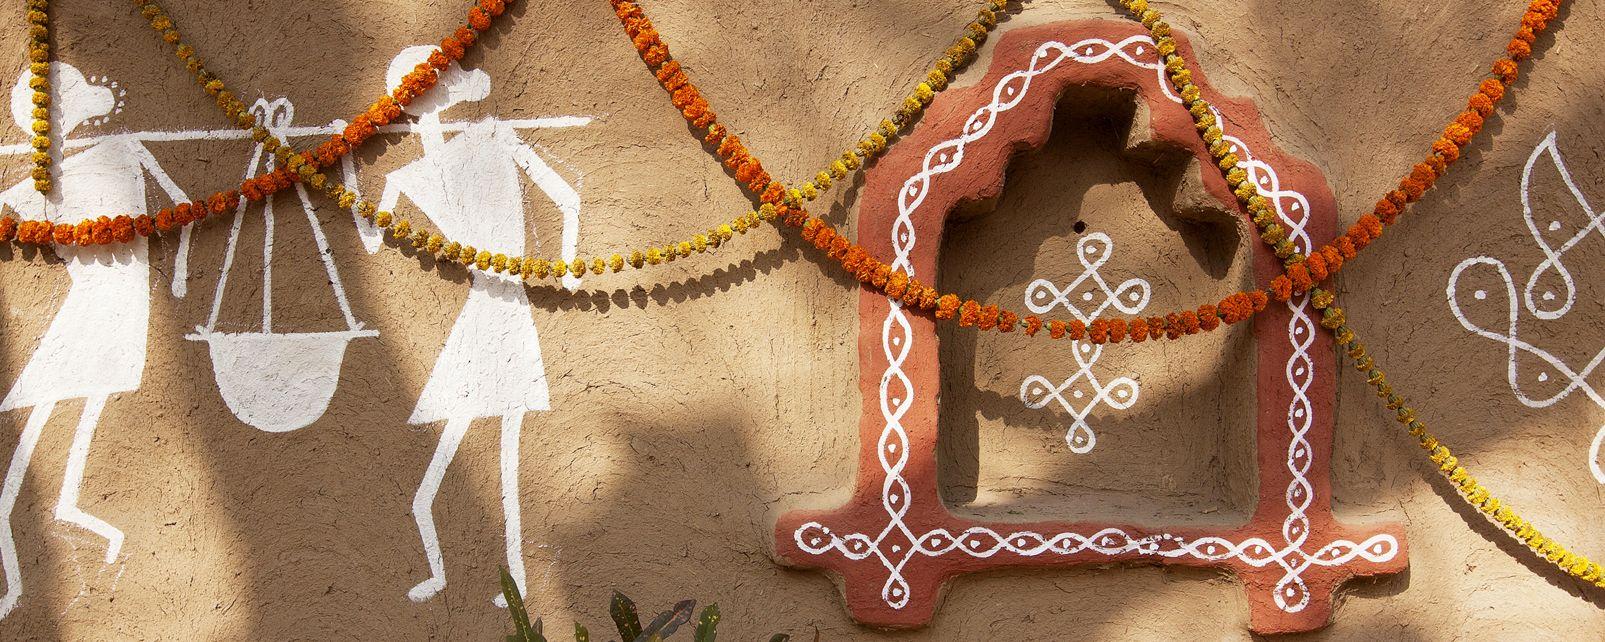 Les arts et la culture, Afrique, Lesotho, basotho, peinture, art, agriculture